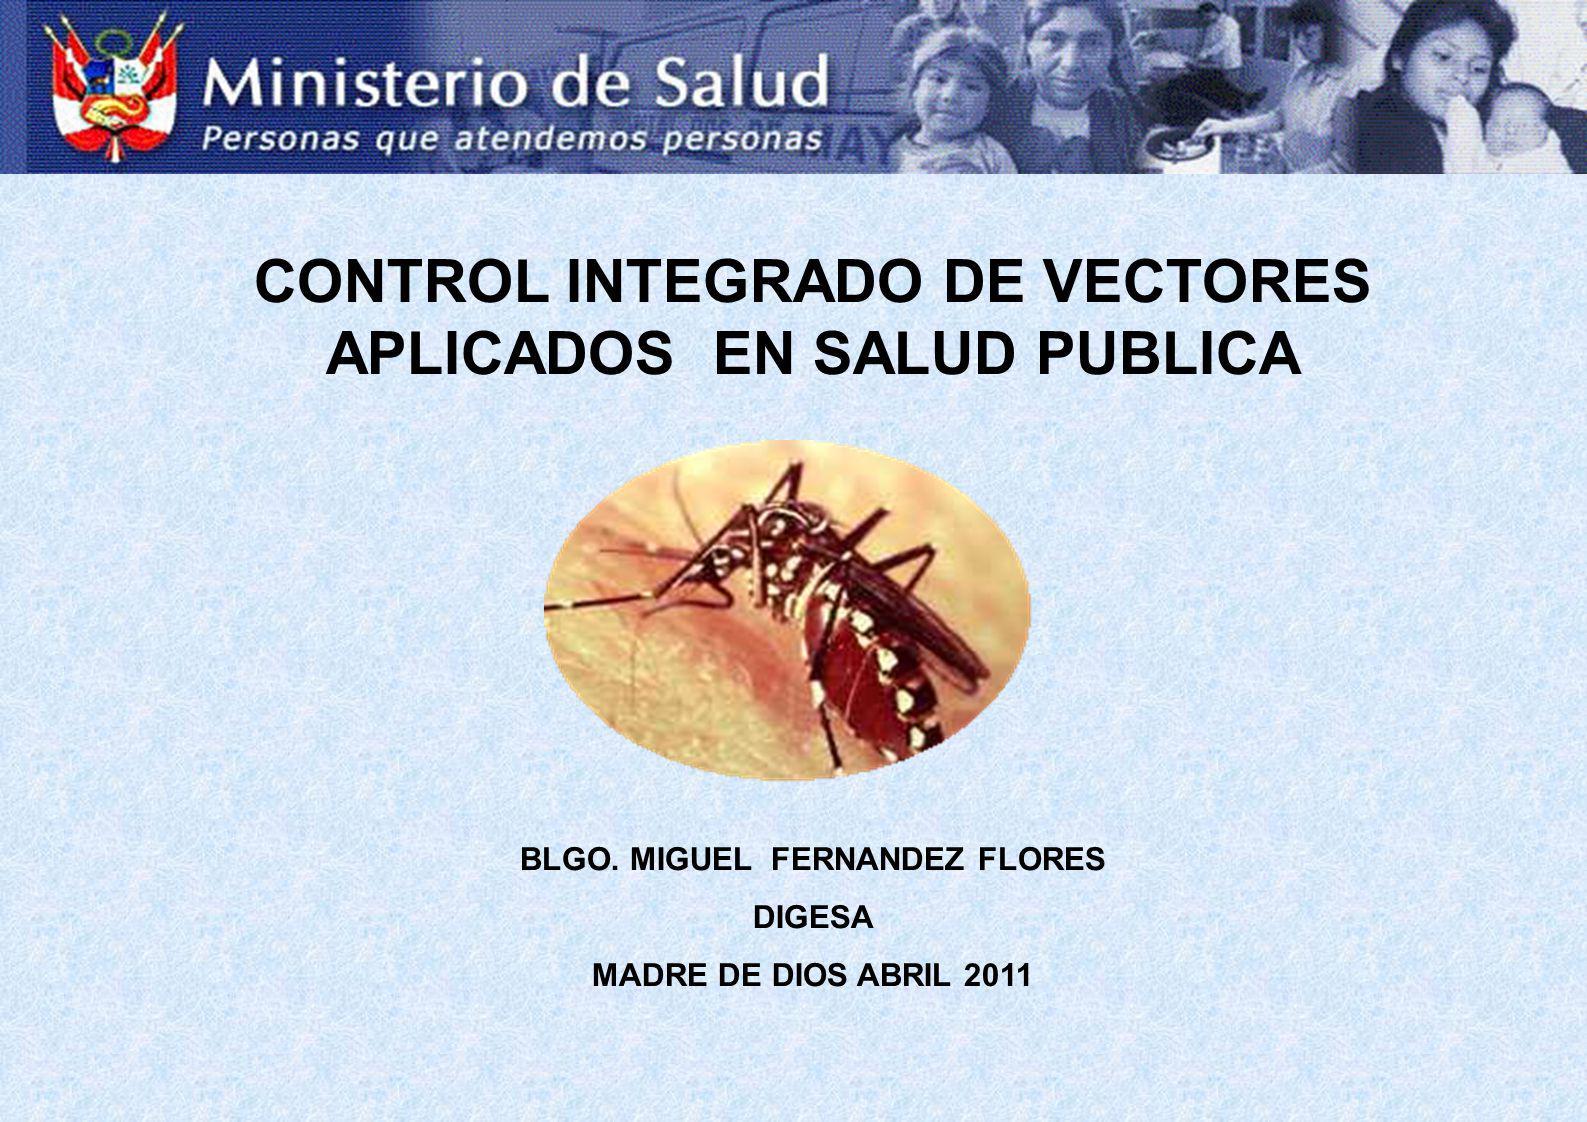 CONTROL INTEGRADO DE VECTORES APLICADOS EN SALUD PUBLICA